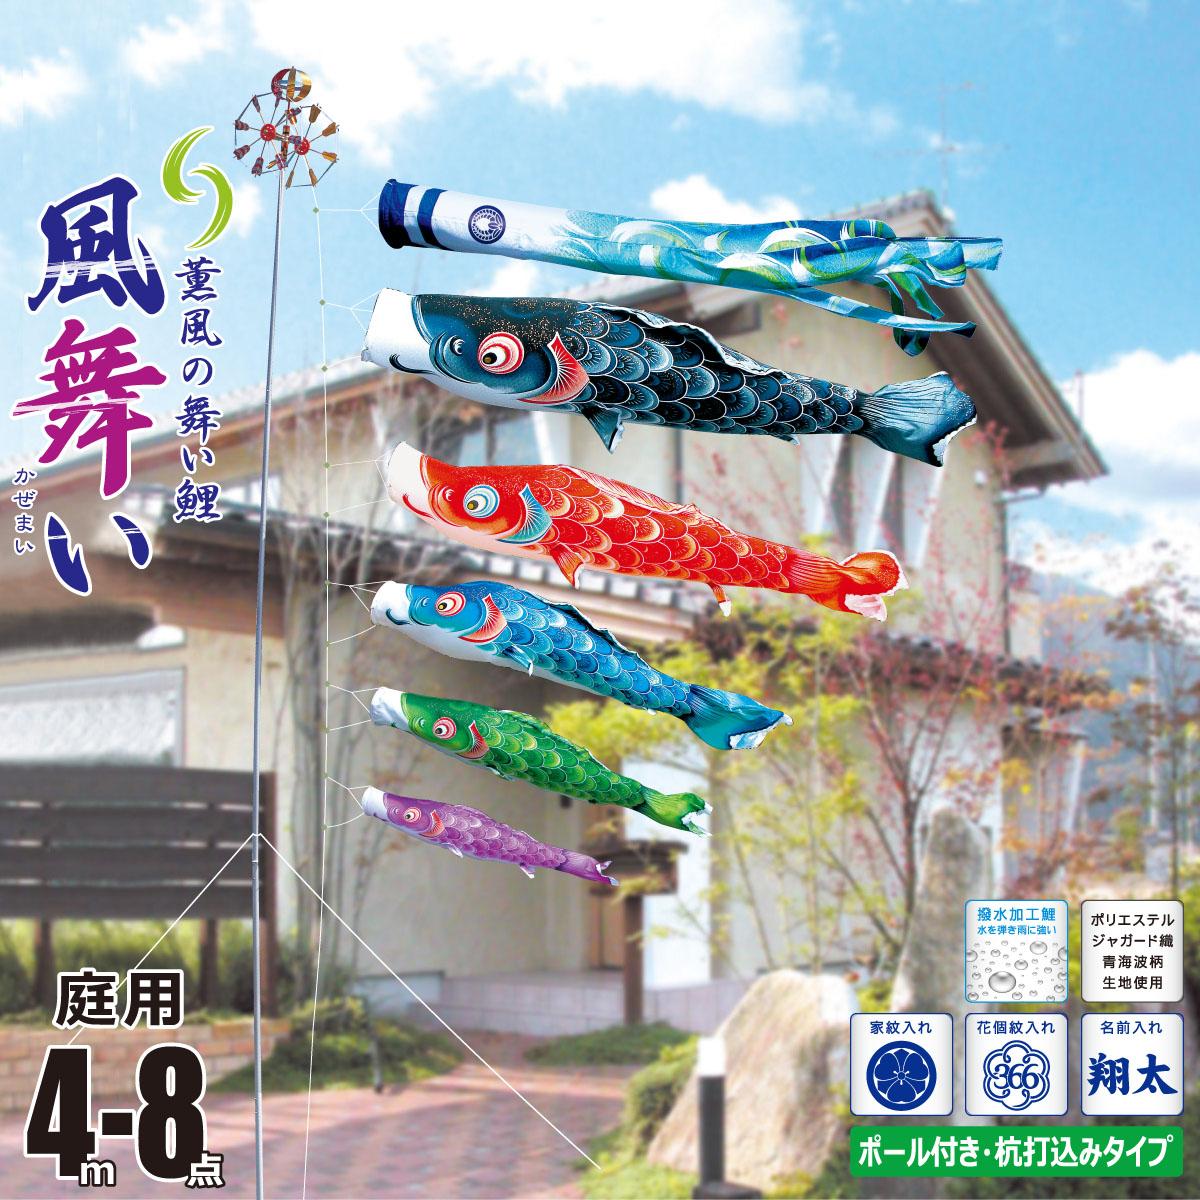 こいのぼり 4m 風舞い 8点 (矢車、ロープ、吹流し、鯉5匹) 庭園用 ガーデンセット (専用ポール一式) 徳永鯉のぼり KIT-112-052